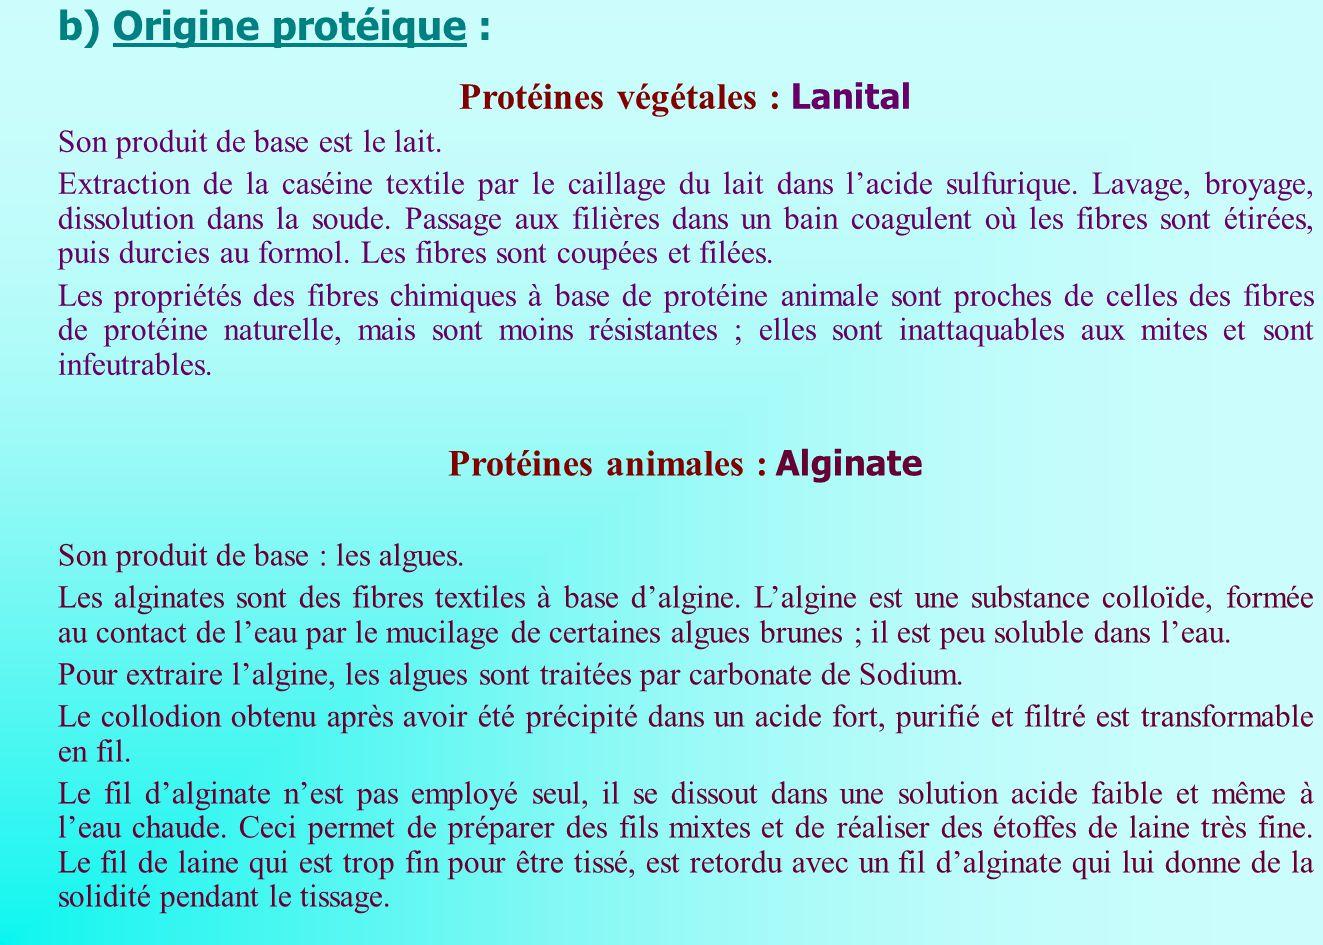 b) Origine protéique : Protéines végétales : Lanital Son produit de base est le lait. Extraction de la caséine textile par le caillage du lait dans la